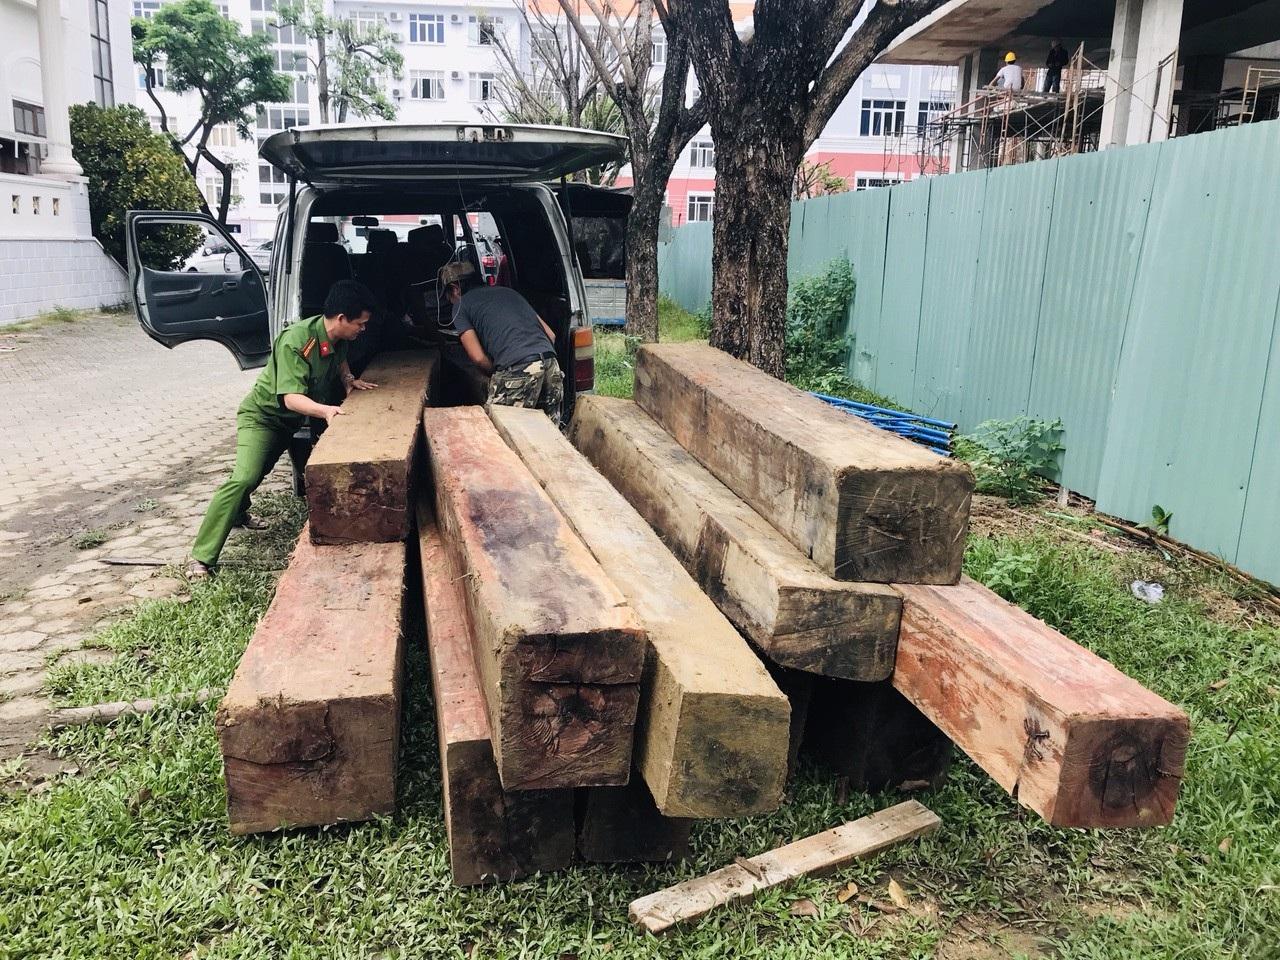 """Dùng xe khách """"hết đát"""" tháo ghế để chở gỗ lậu - Ảnh 1."""